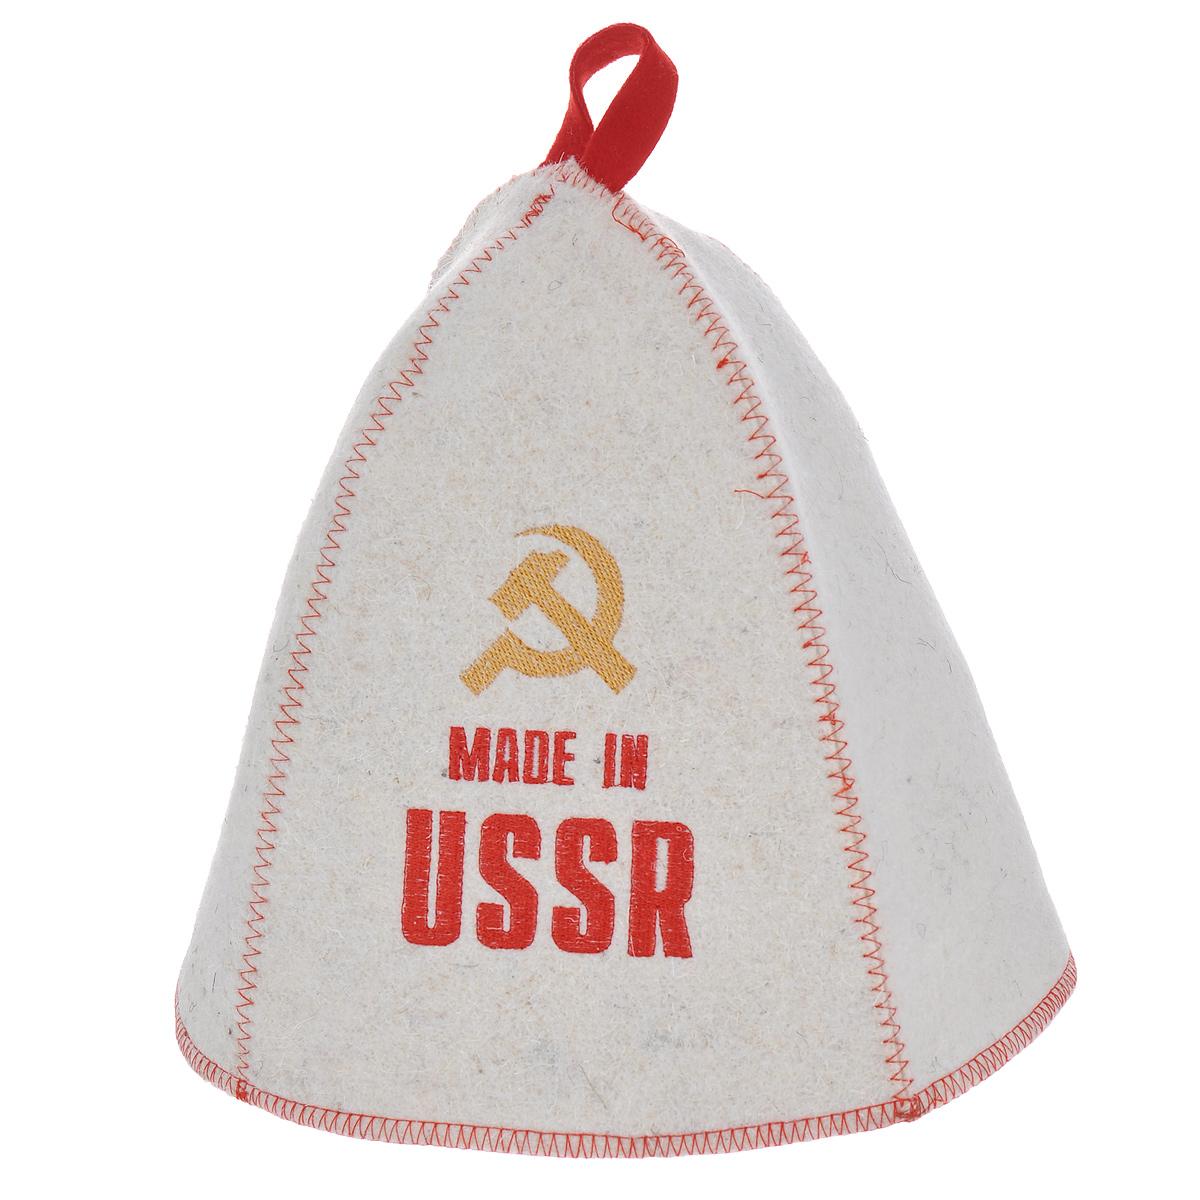 Шапка банная Made in USSR, войлок шапка банная всё будет хорошо принт войлок